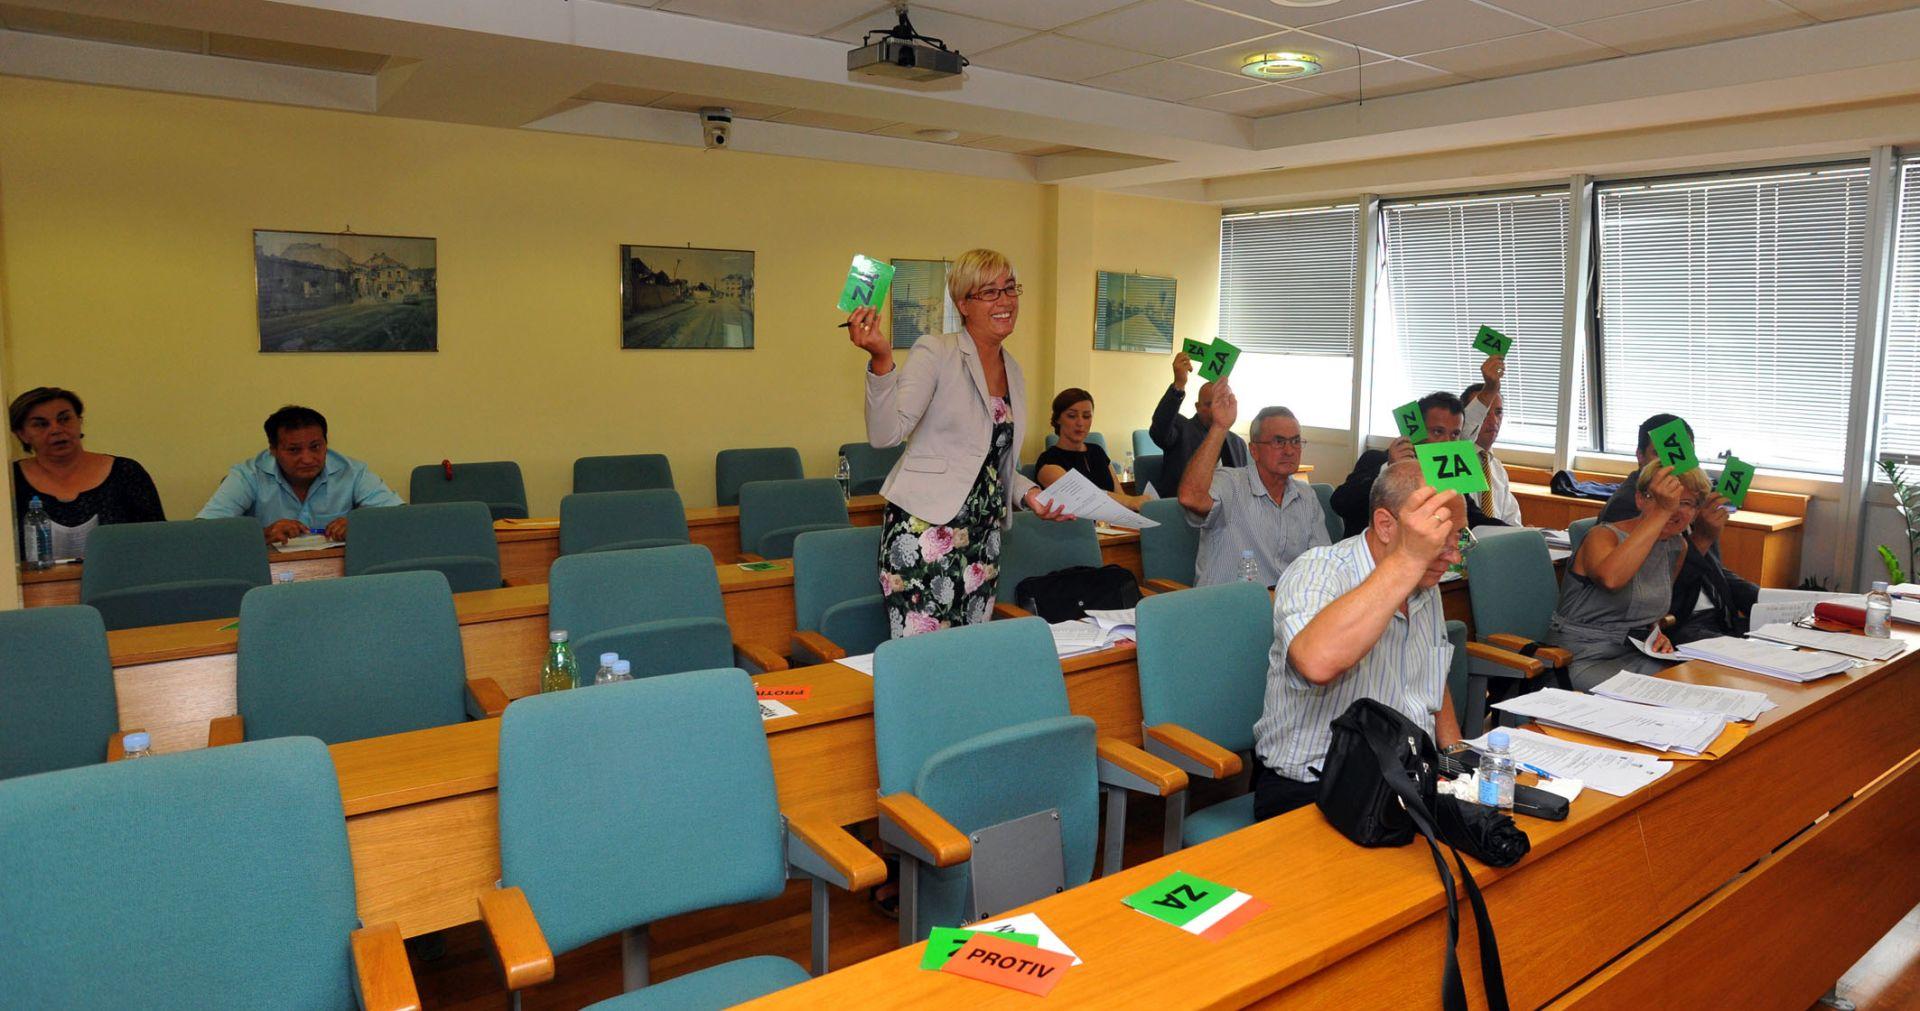 SABA RH: Odluka vukovarskog Gradskog vijeća sramotna i izvor novih mržnji